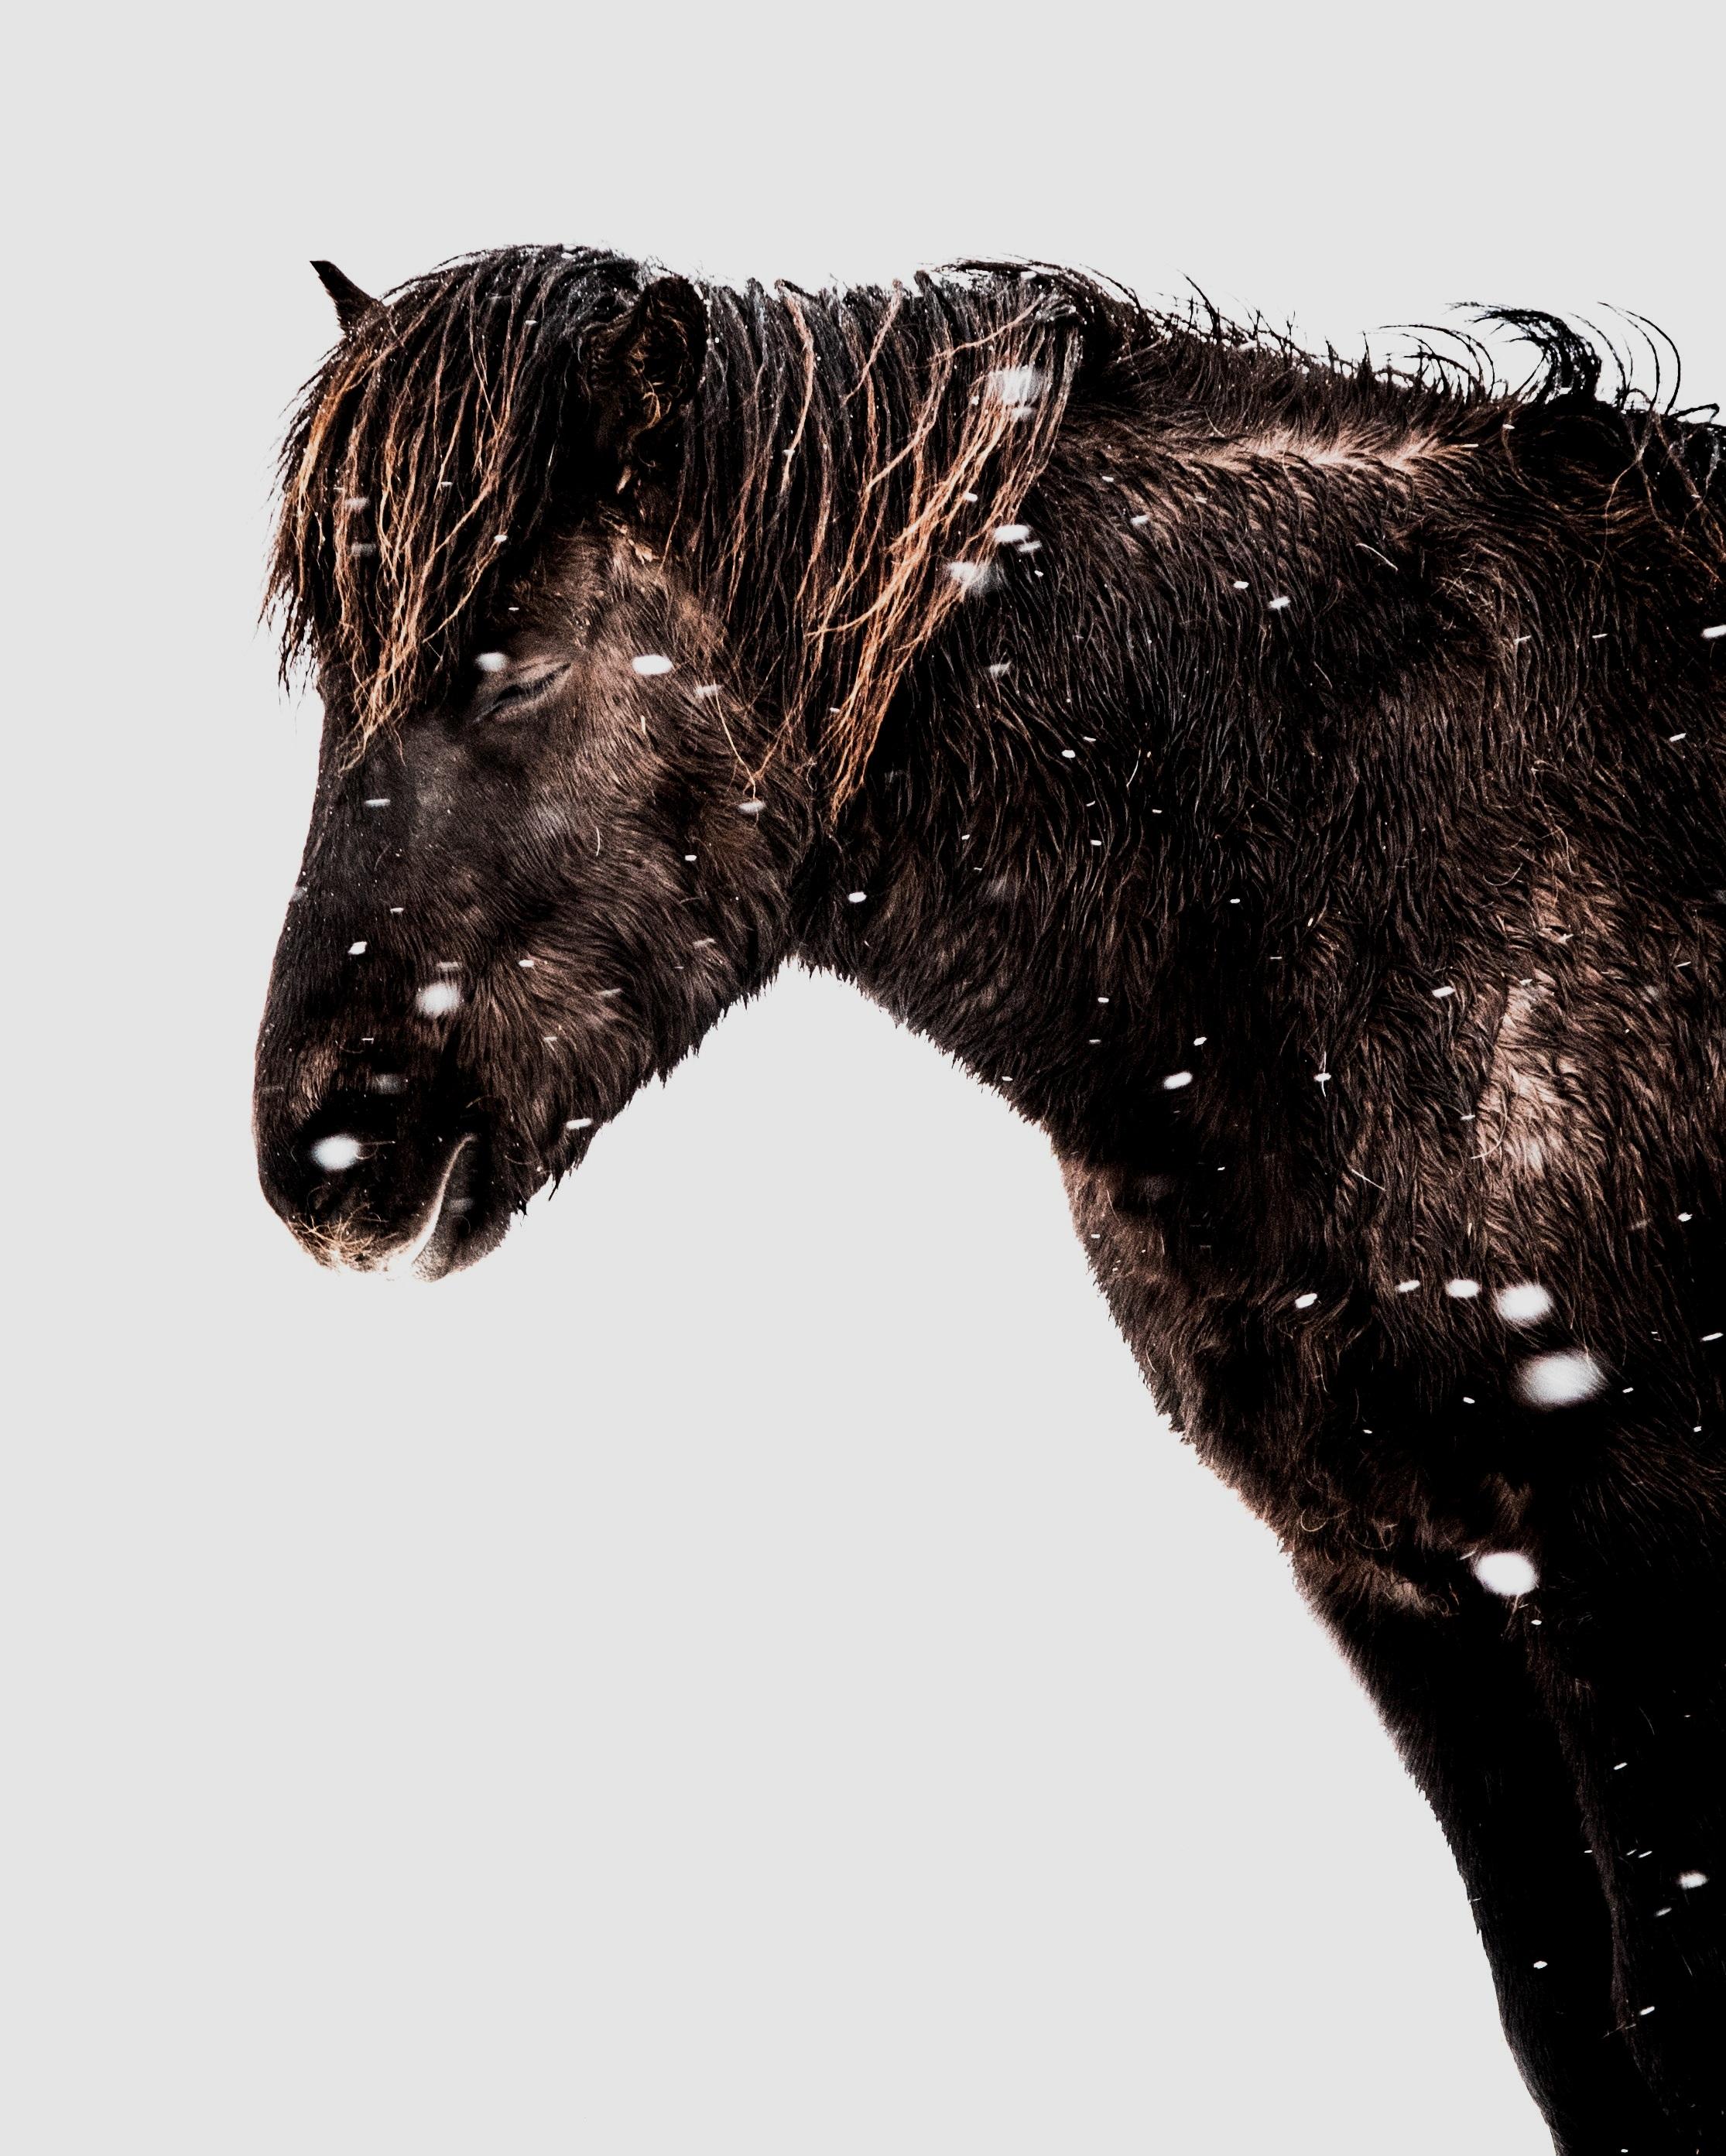 animal-animal-photography-cold-1315701.jpg